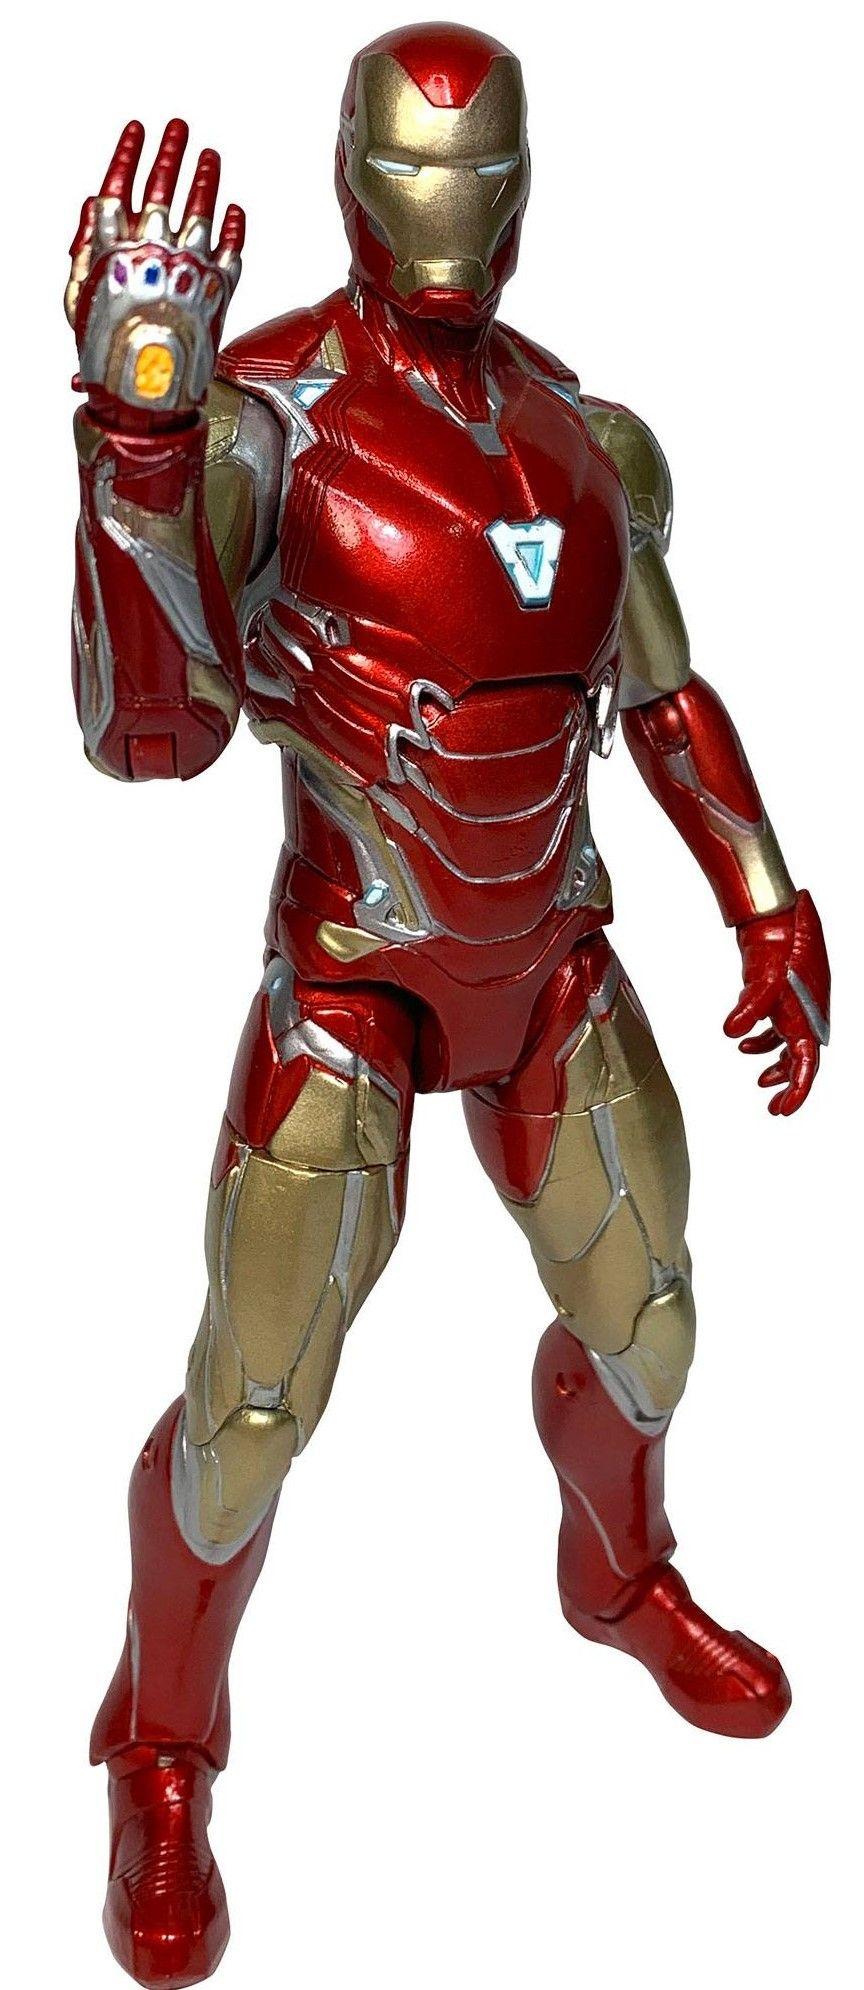 Екшън фигура Diamond Marvel Select Avengers - Iron Man, 18 cm - 1